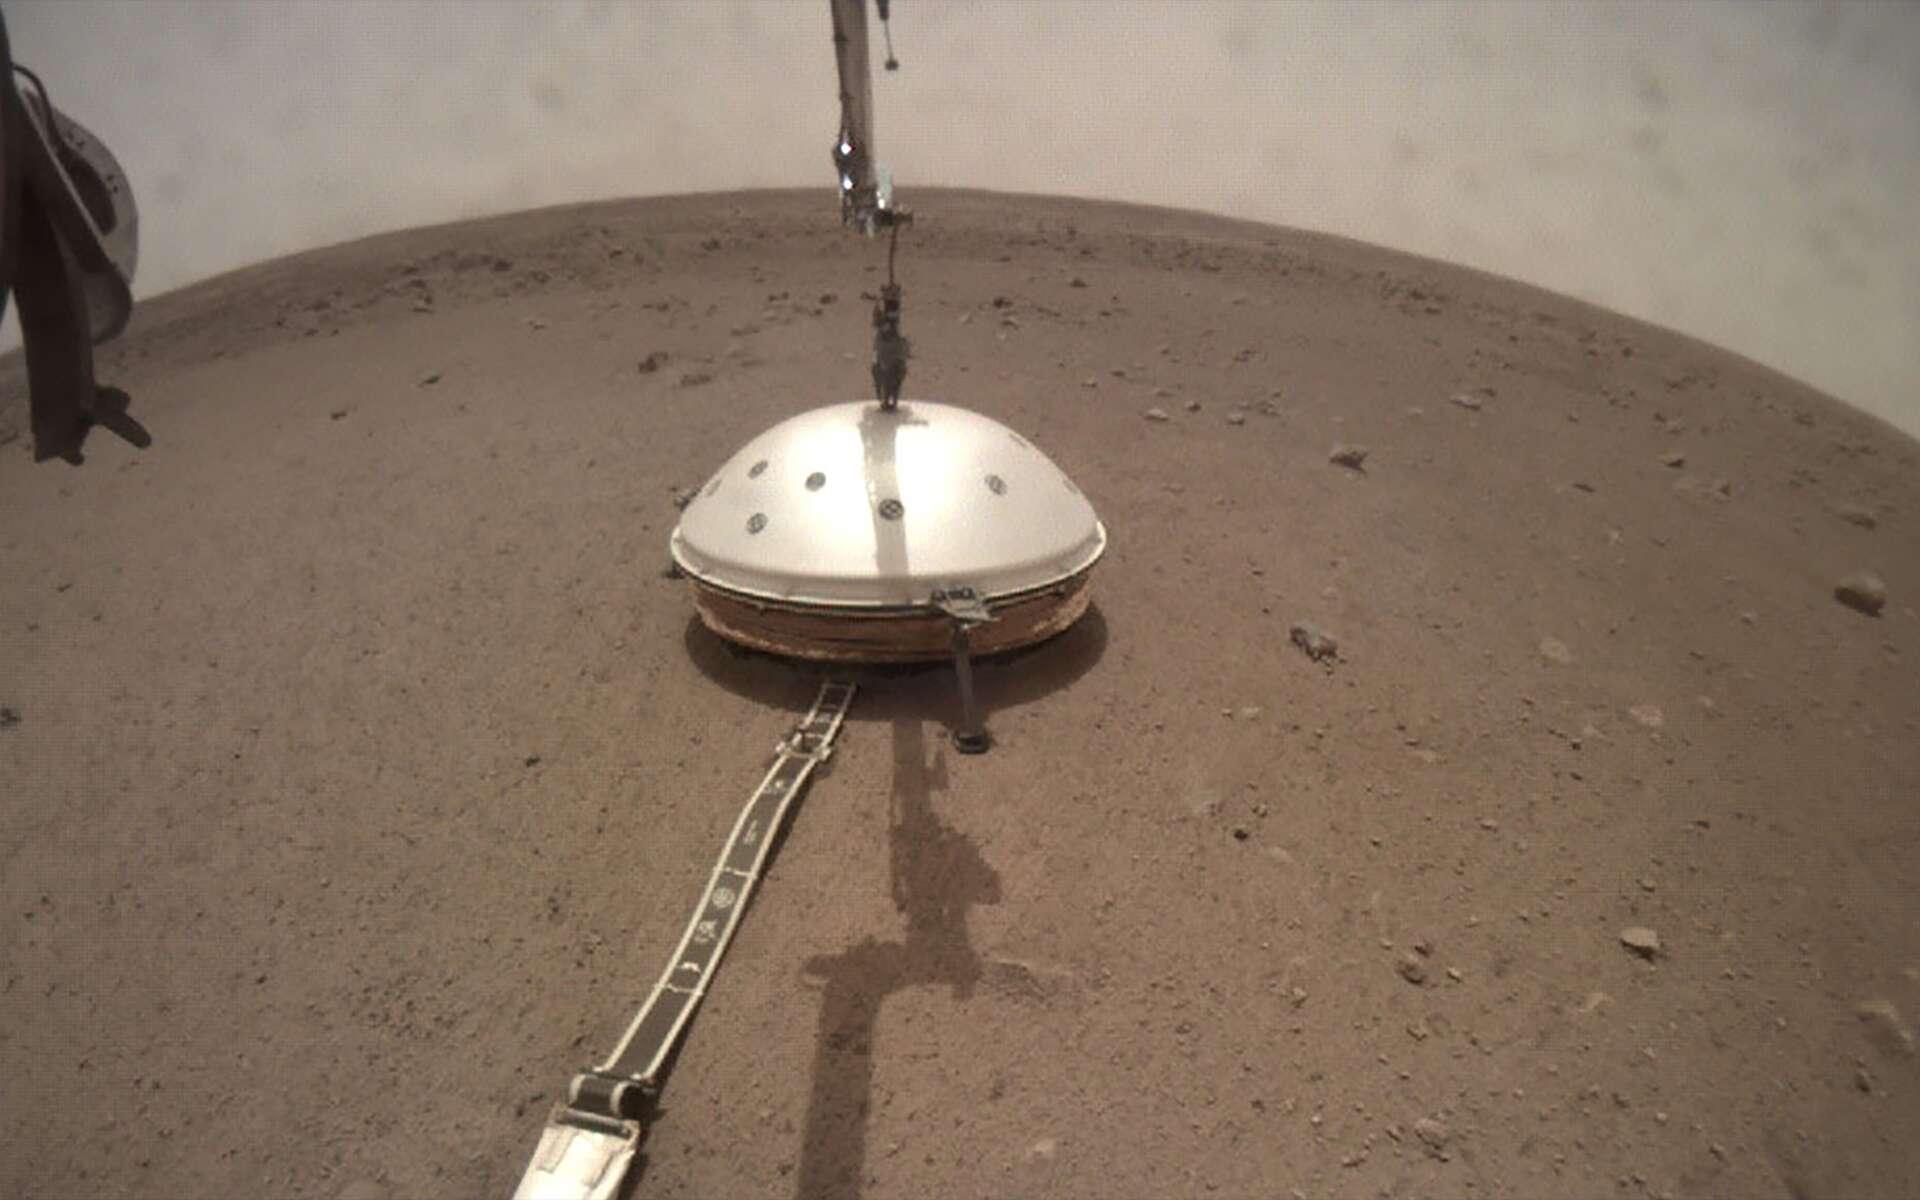 Le sismomètre Seis et son bouclier de protection de la mission InSight, déposés à la surface de Mars en deux étapes en décembre 2018 et février 2019. © Nasa, JPL-Caltech